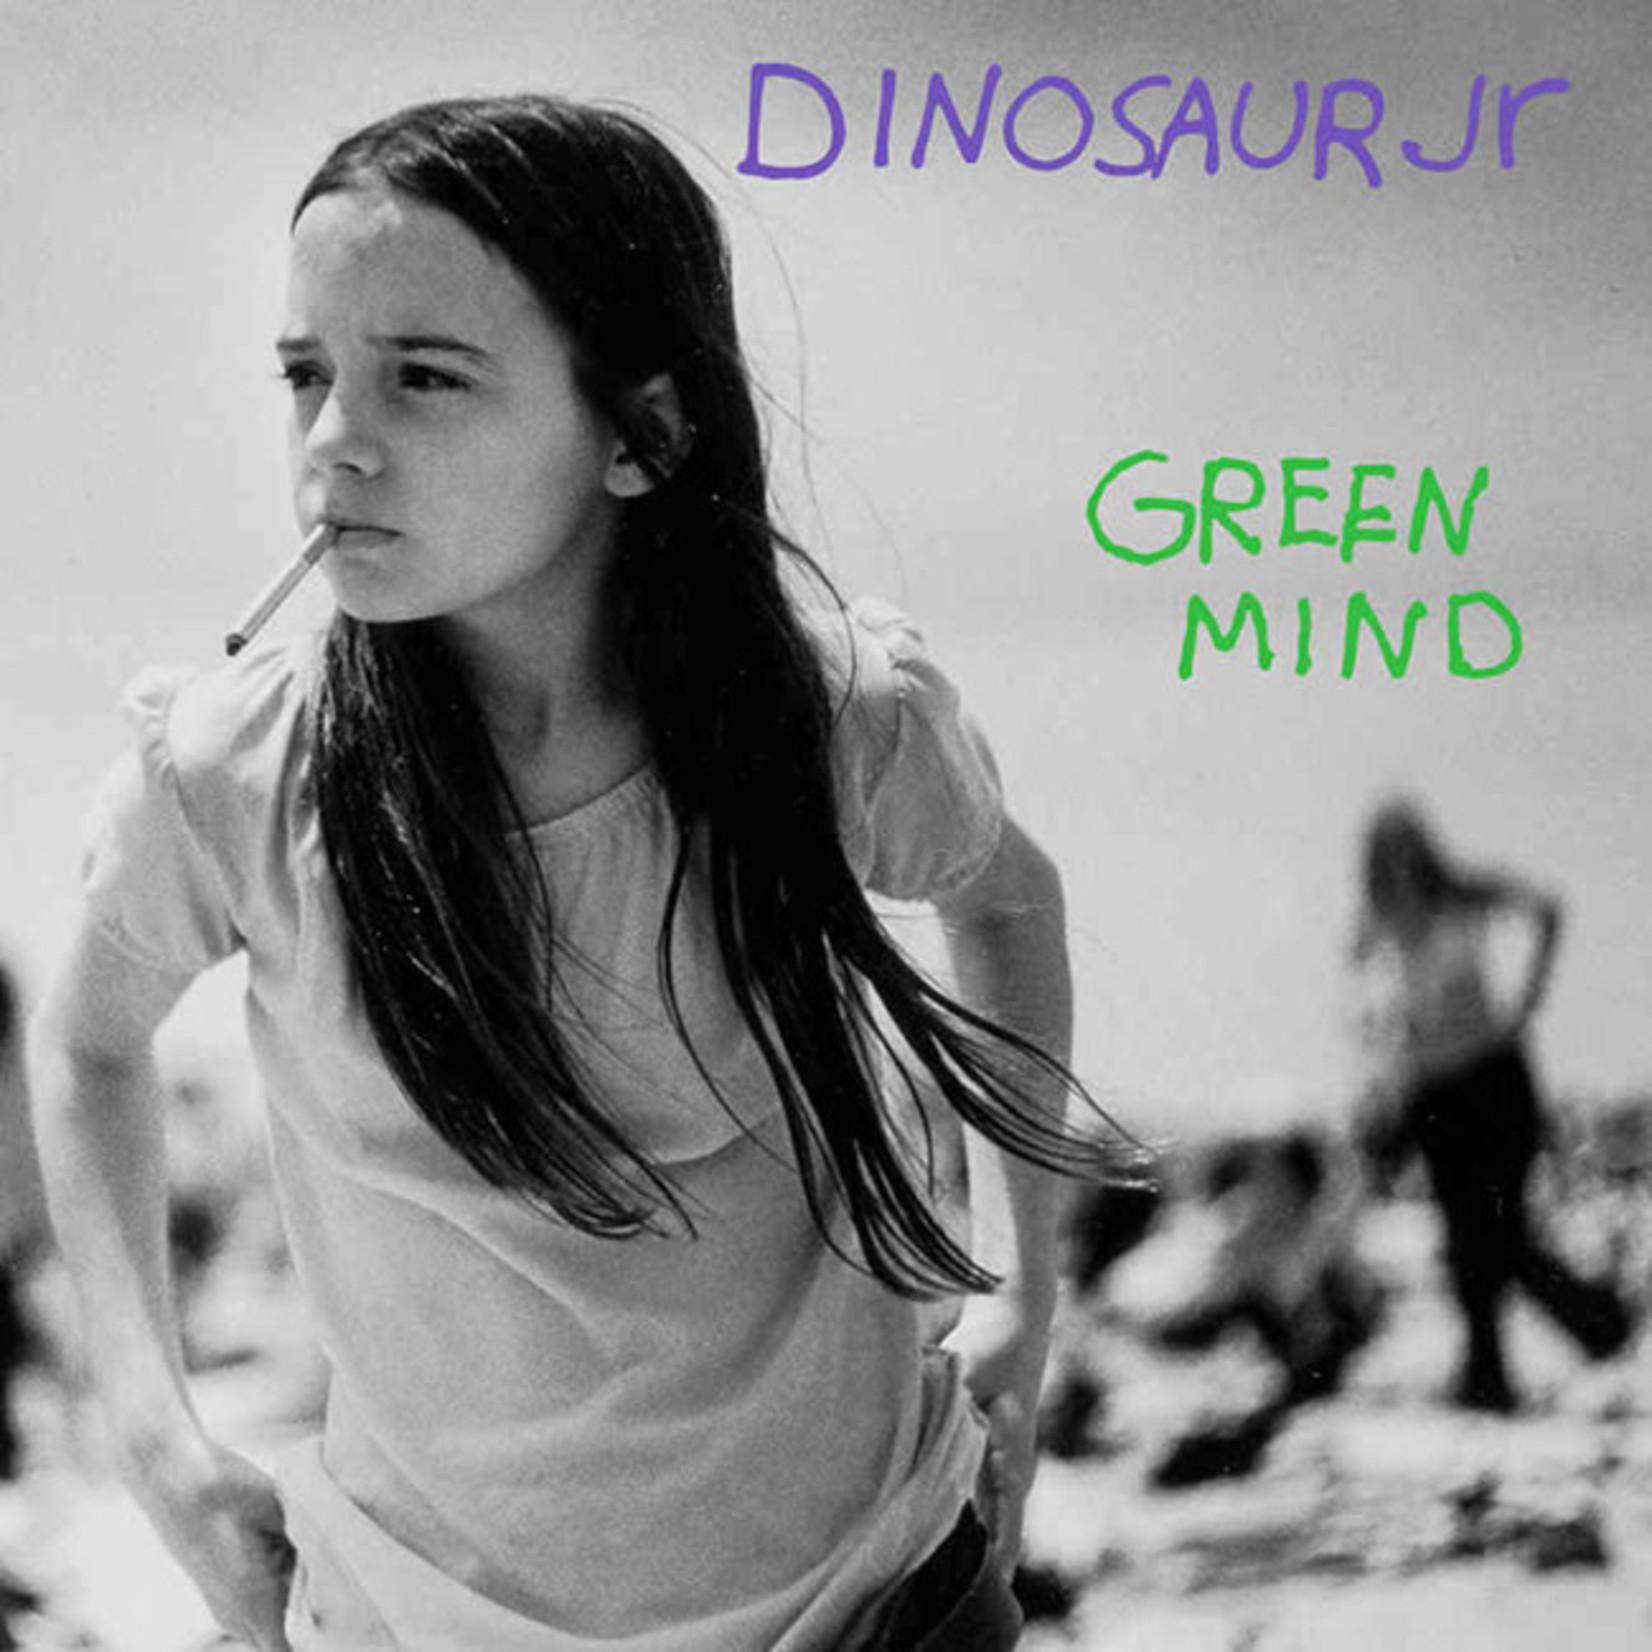 [New] Dinosaur Jr.: Green Mind (2LP, green vinyl)